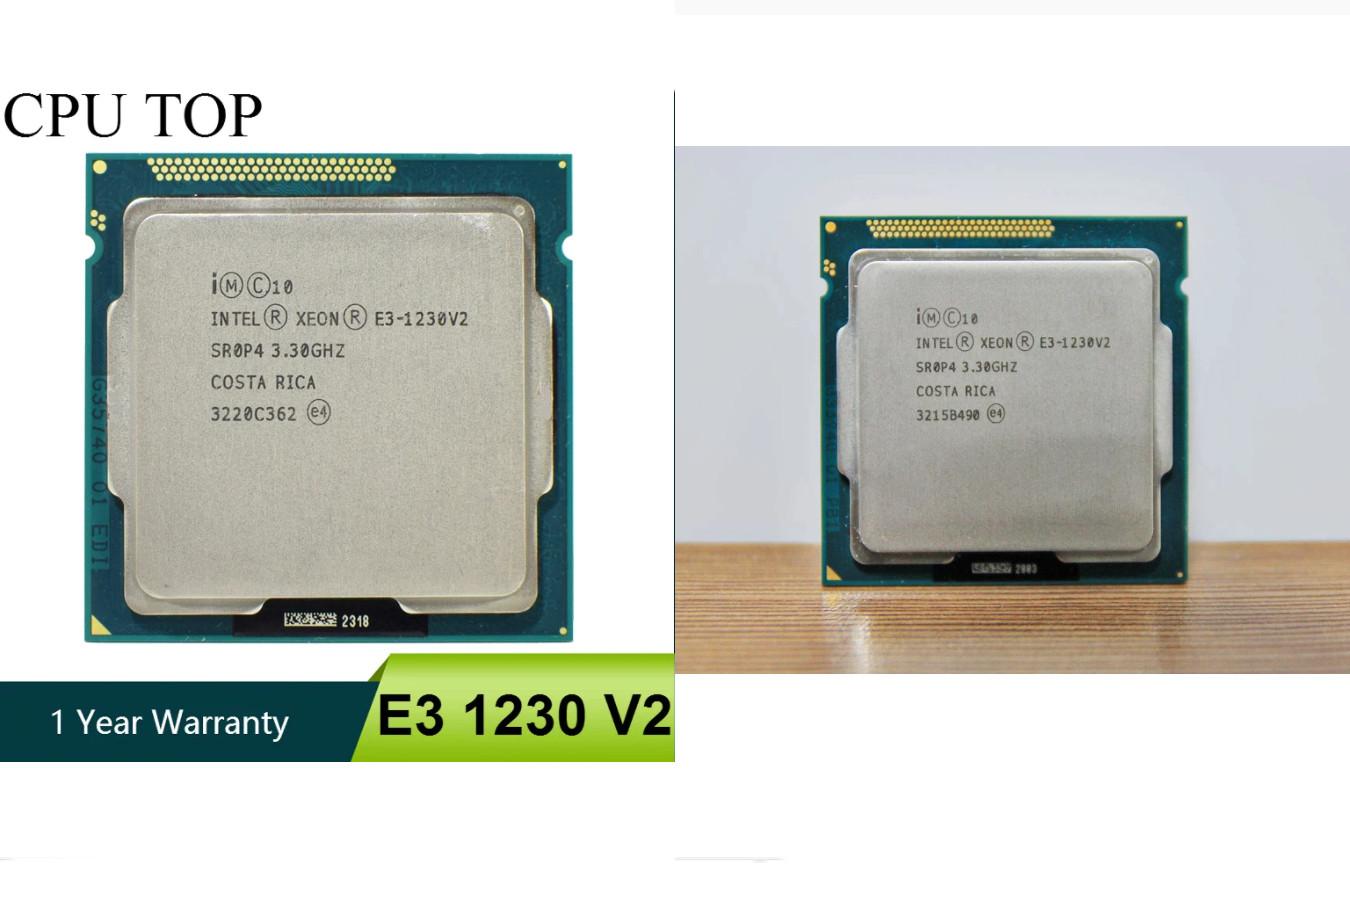 Процессор для сервера — Intel Xeon E3 1230 V2